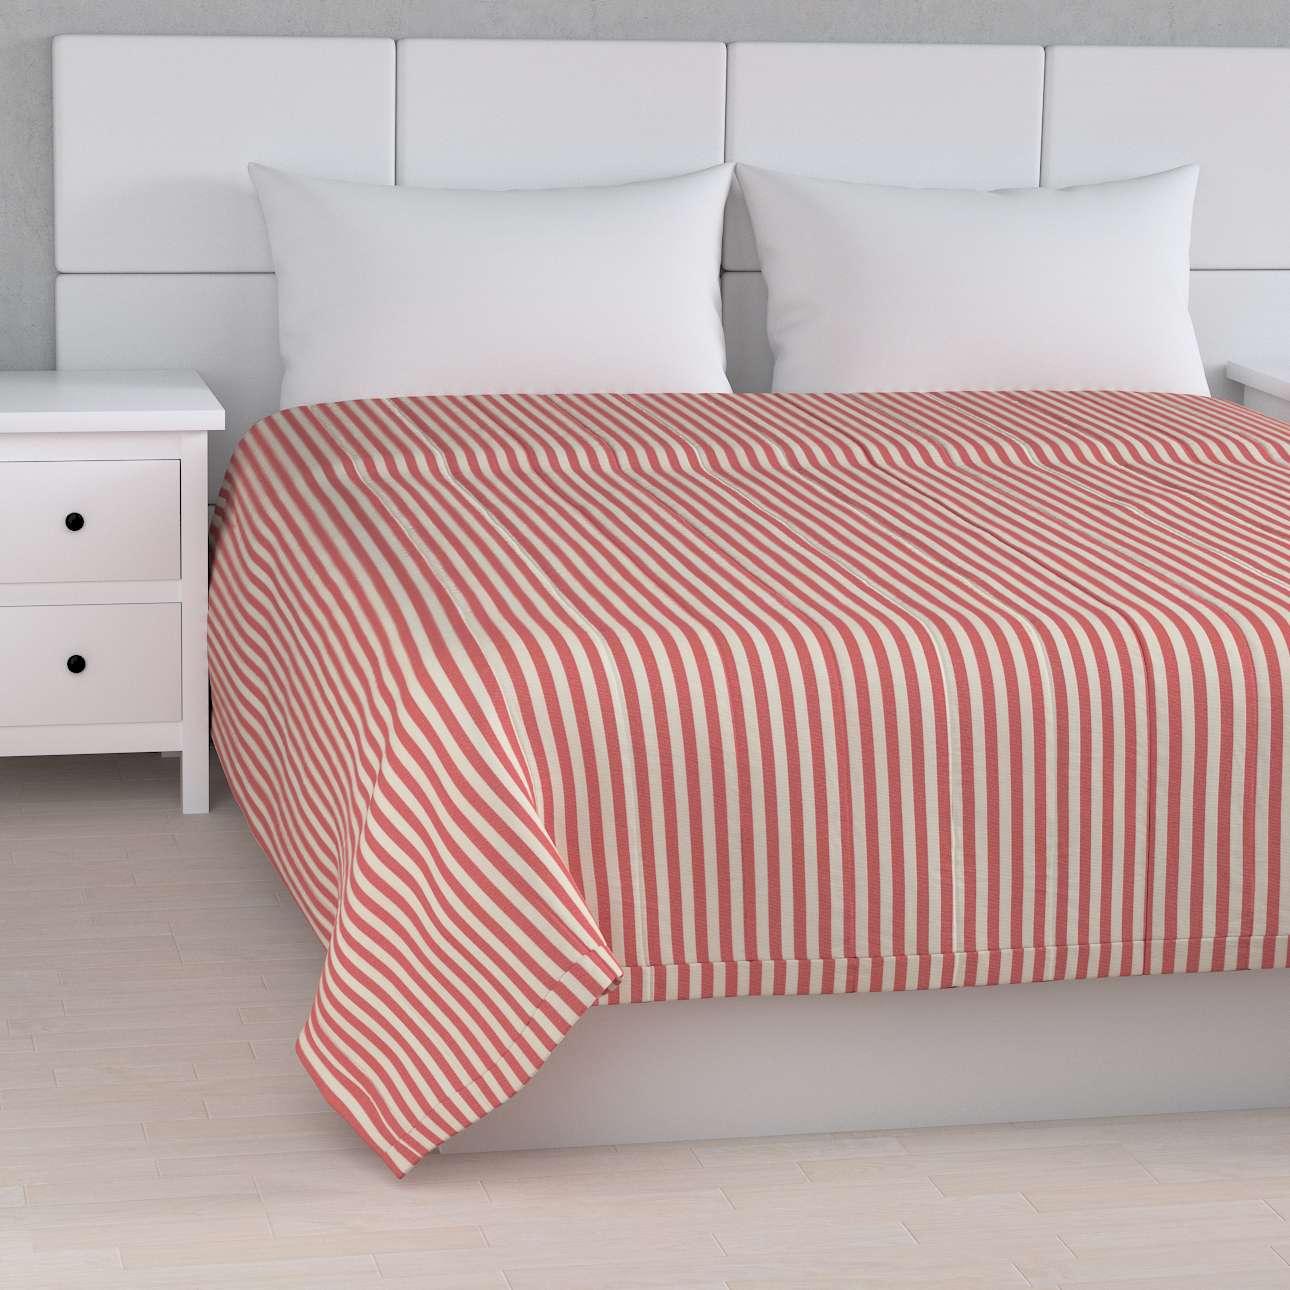 Tagesdecke mit Streifen-Steppung von der Kollektion Quadro, Stoff: 136-17